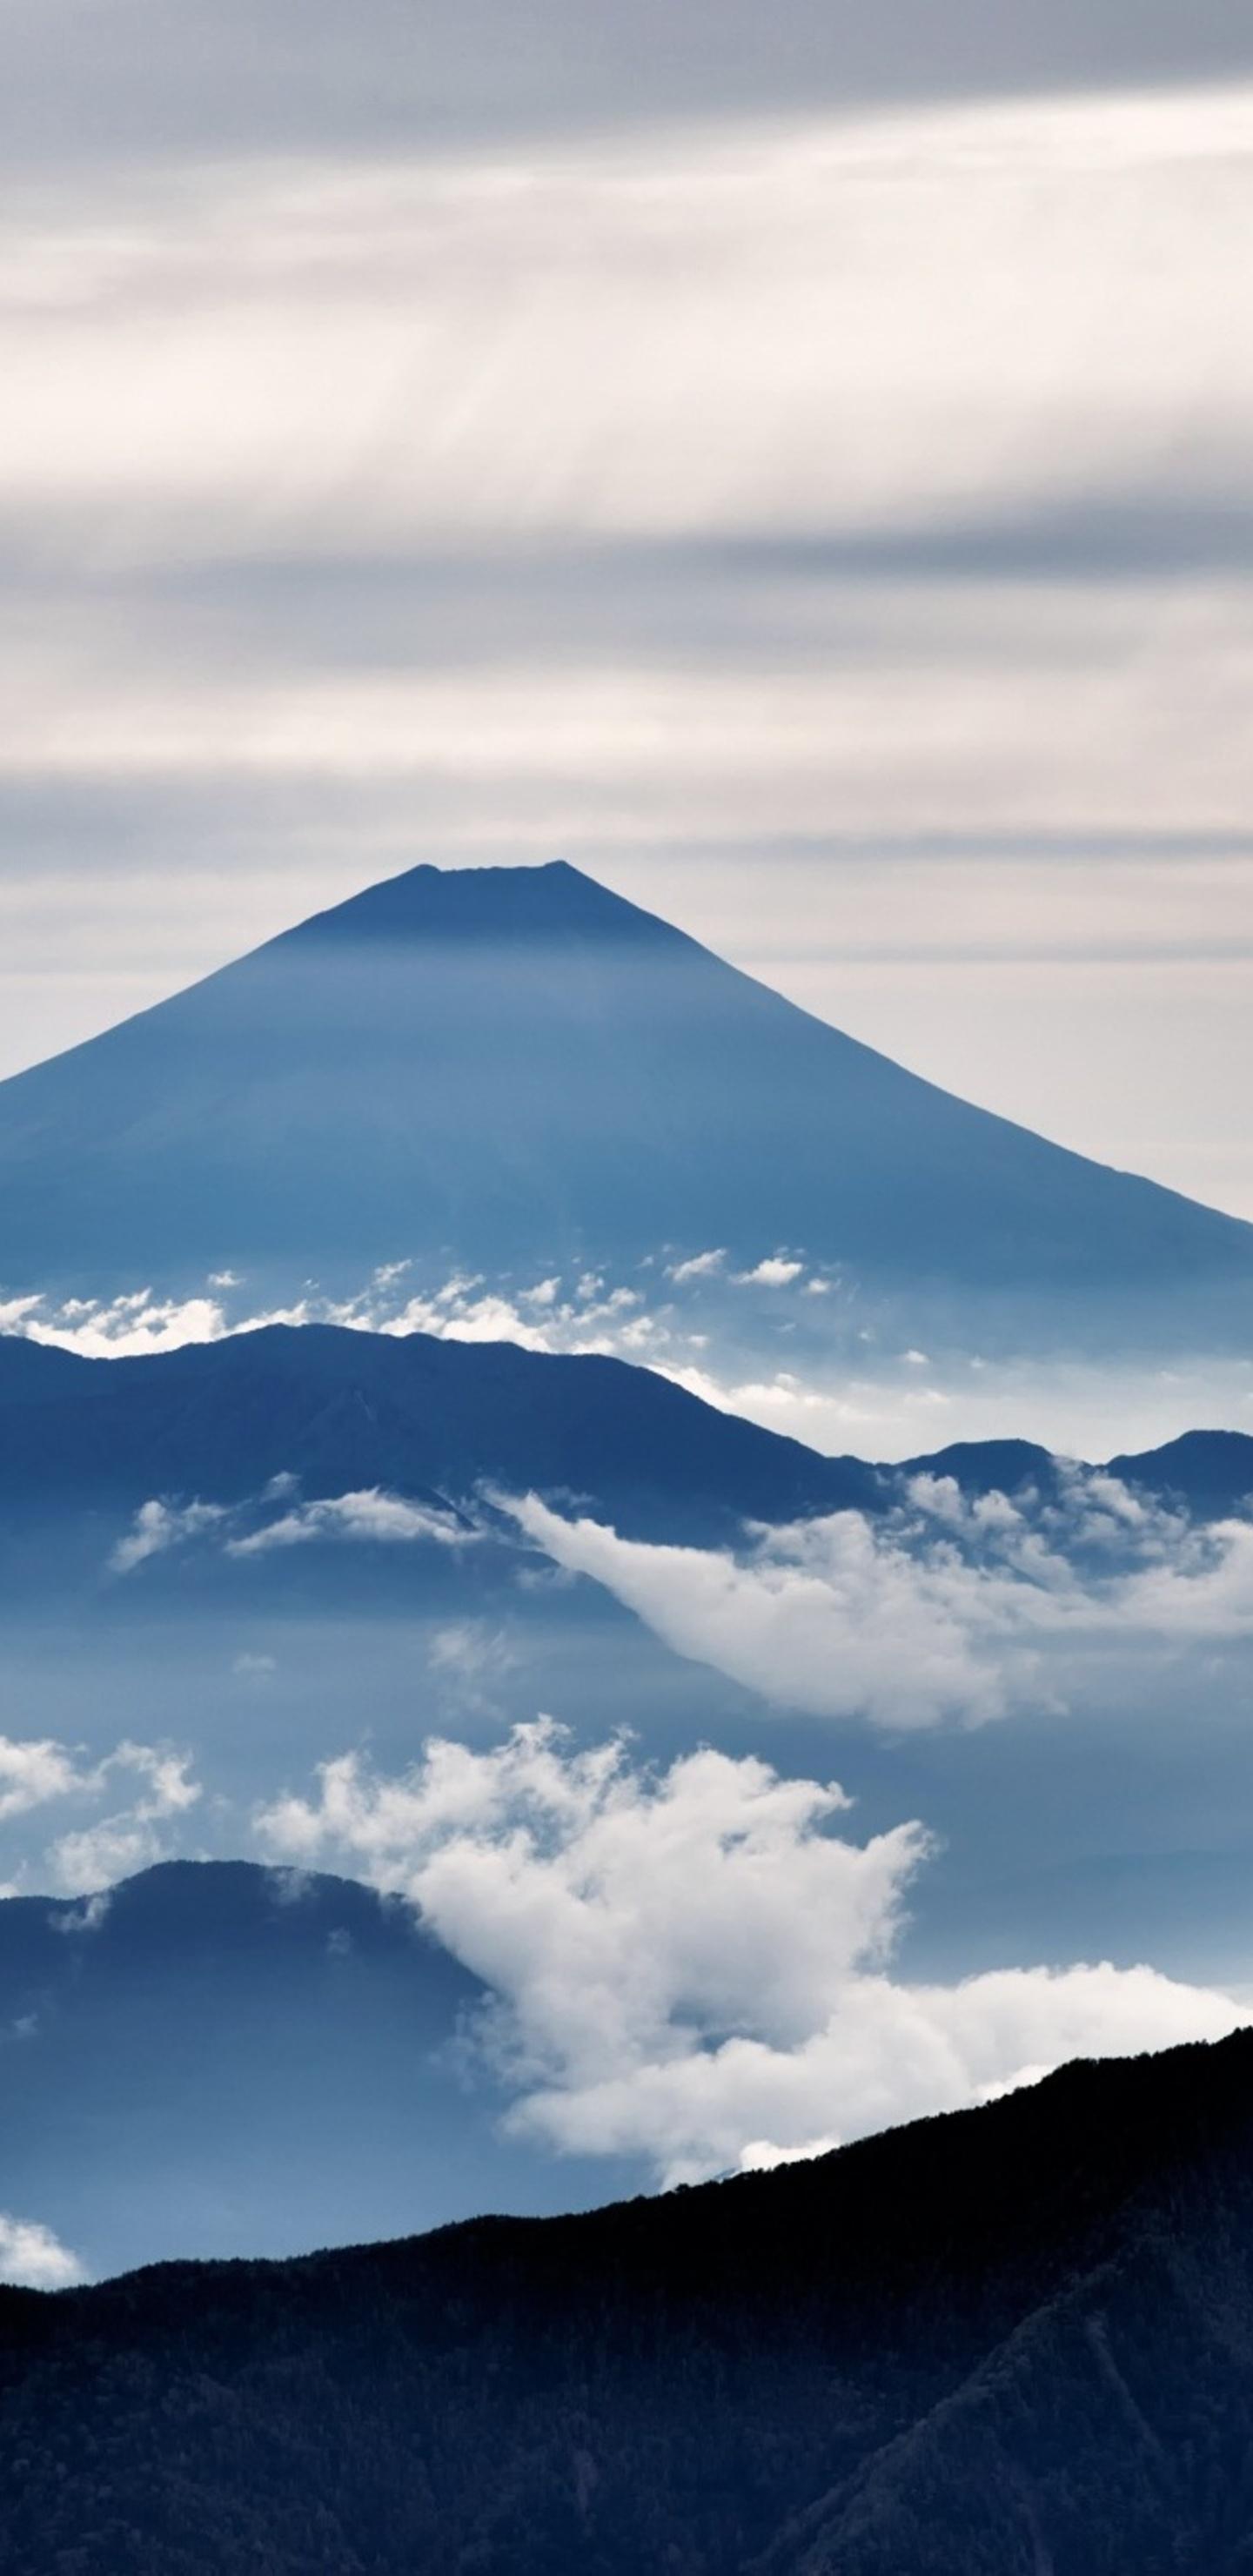 1440x2960 mount fuji landscape clouds samsung galaxy note 9,8, s9,s8